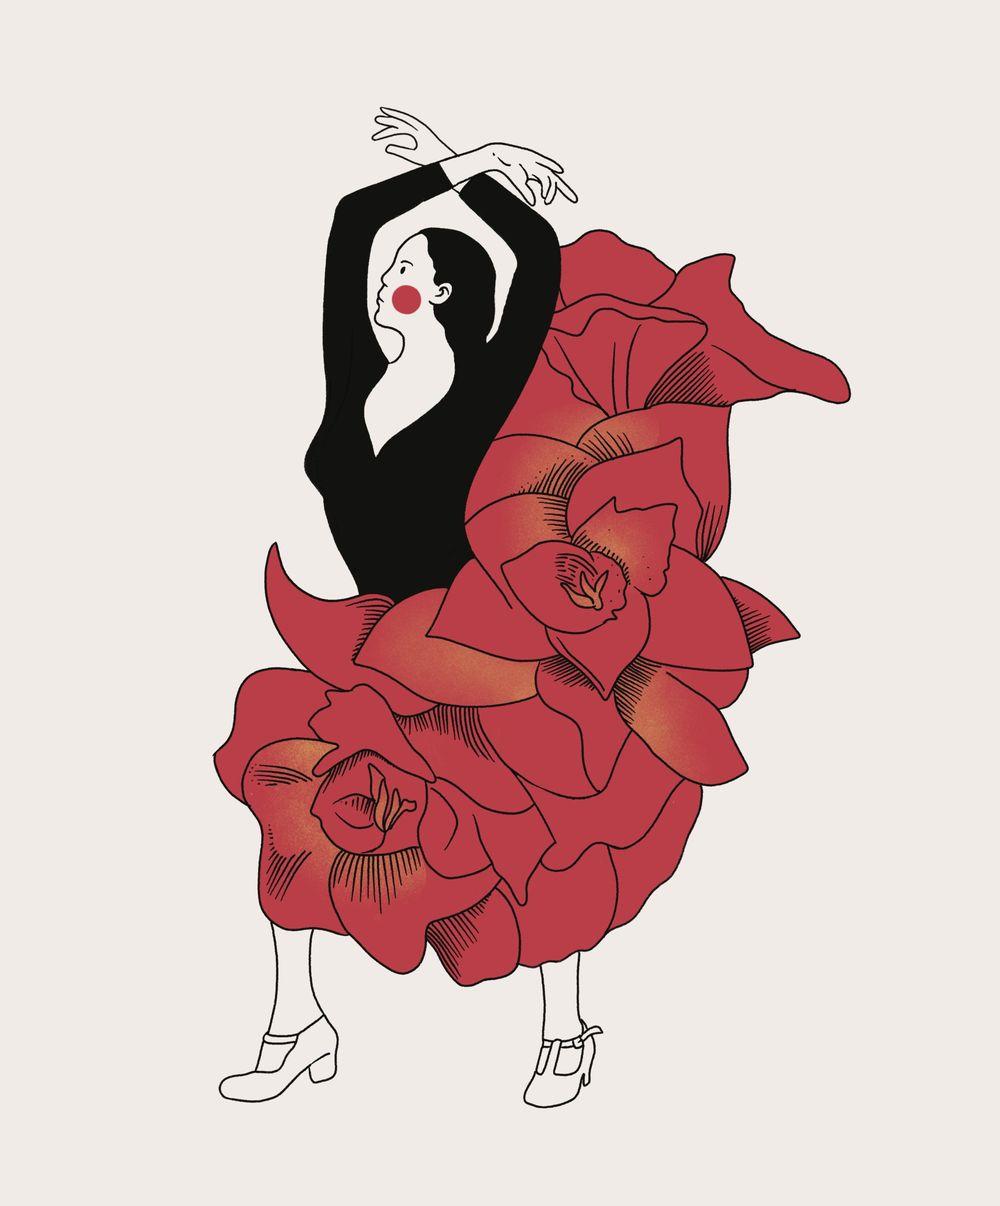 Flora flowers & joy - image 1 - student project